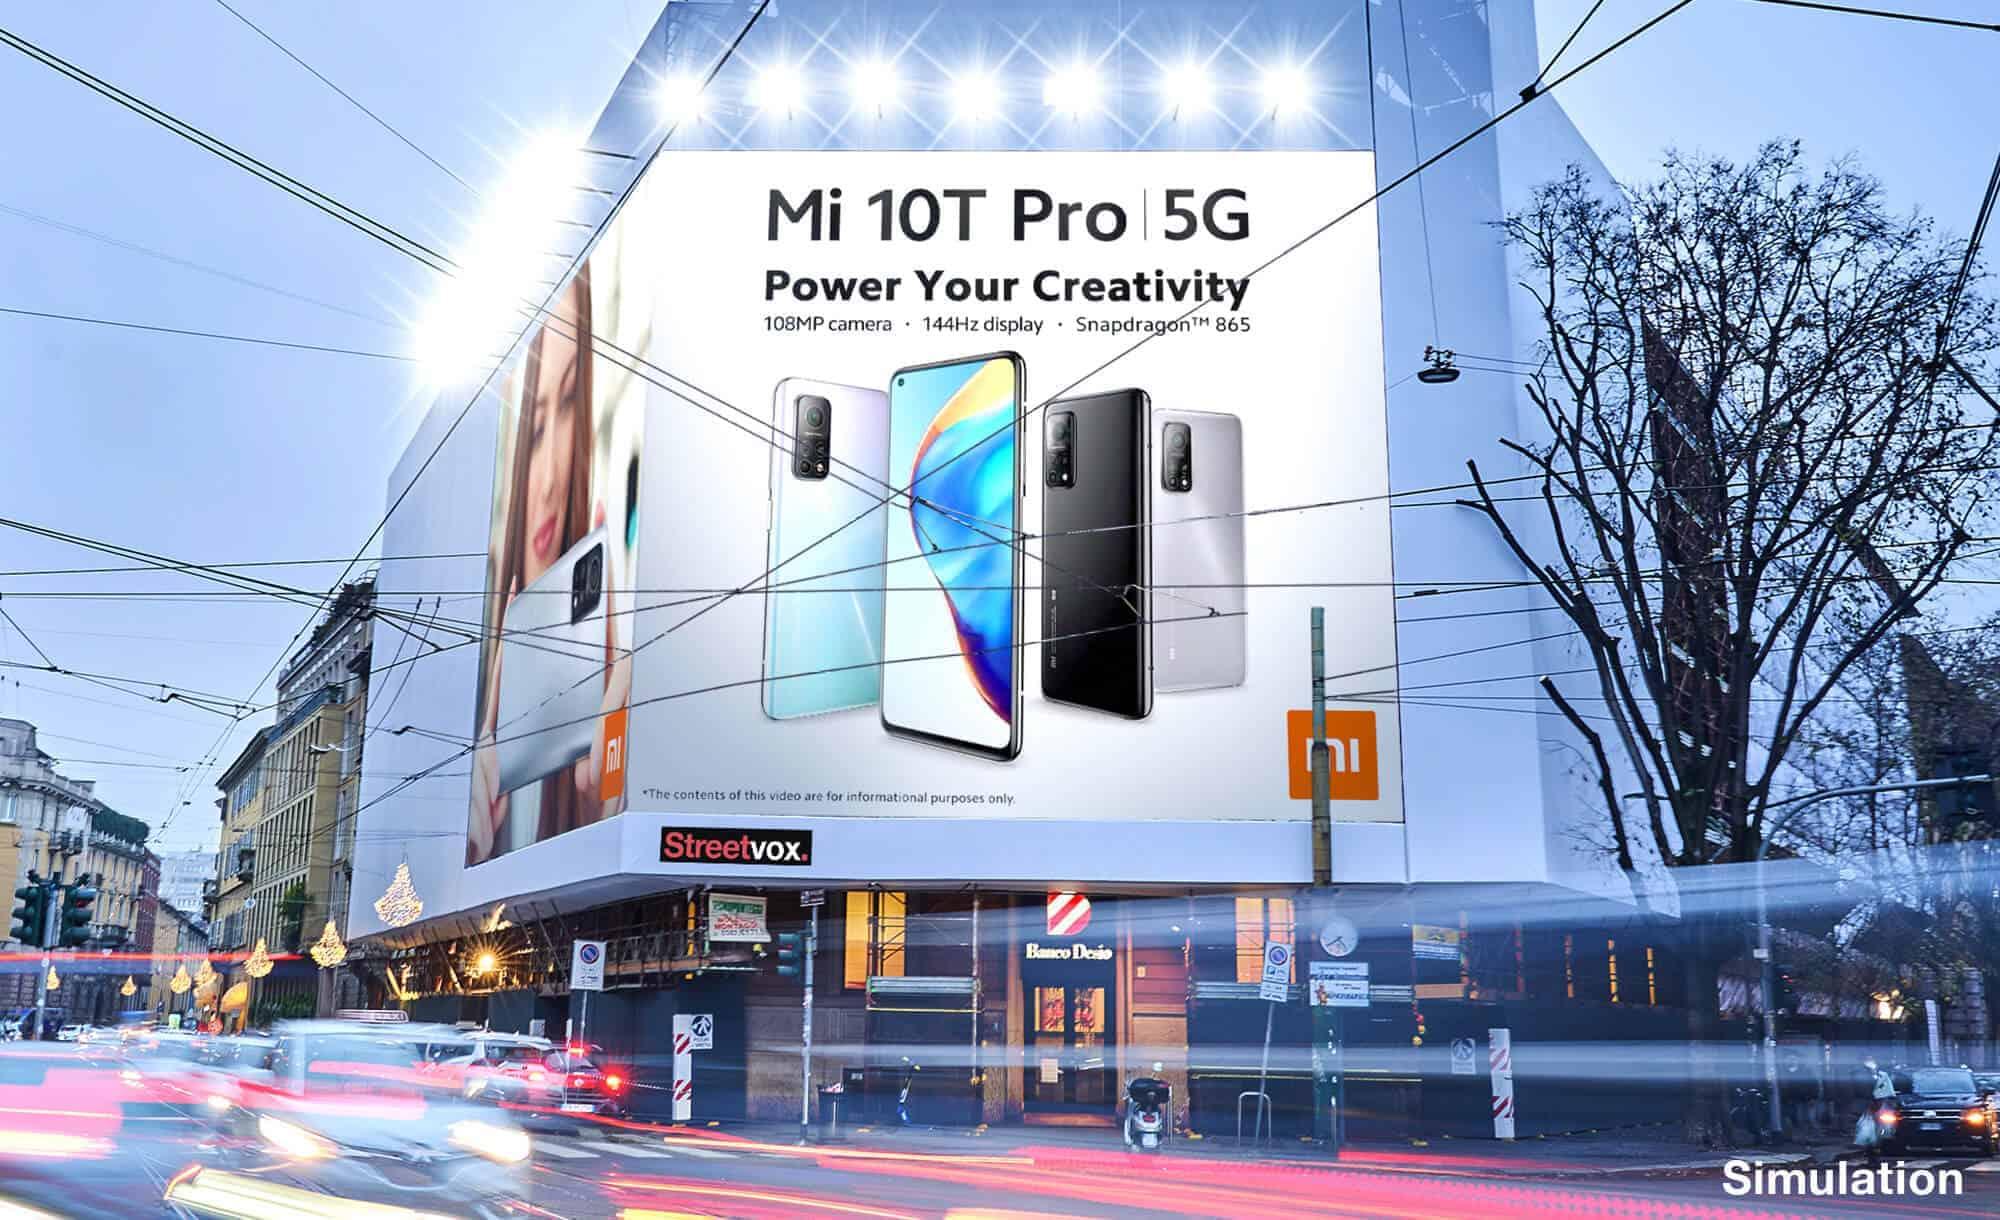 Maxi Affissione a Milano in Corso Magenta 42 con XiaoMi (Technology)